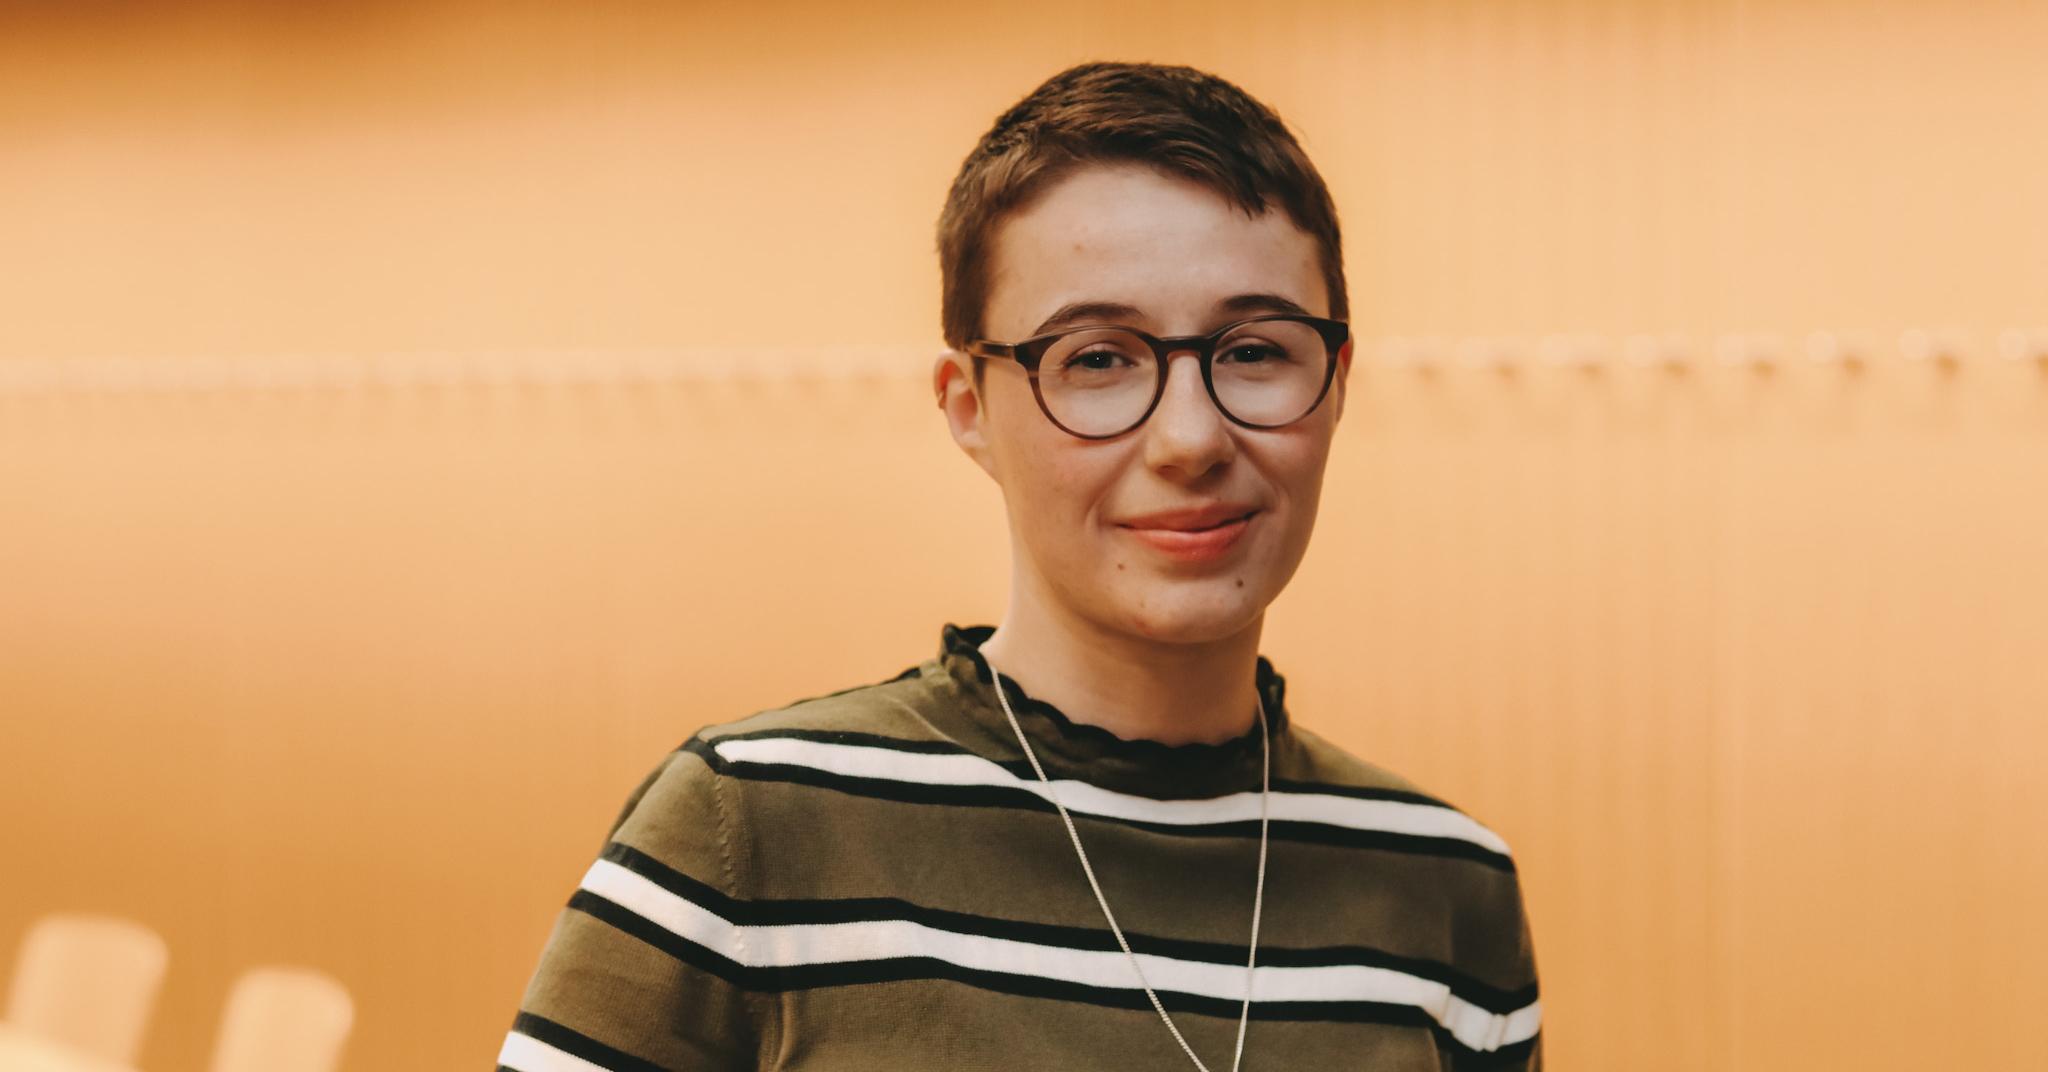 Mirja Barth, Absolventin des Bachelor Angewandte Sprache, Porträtaufnahme